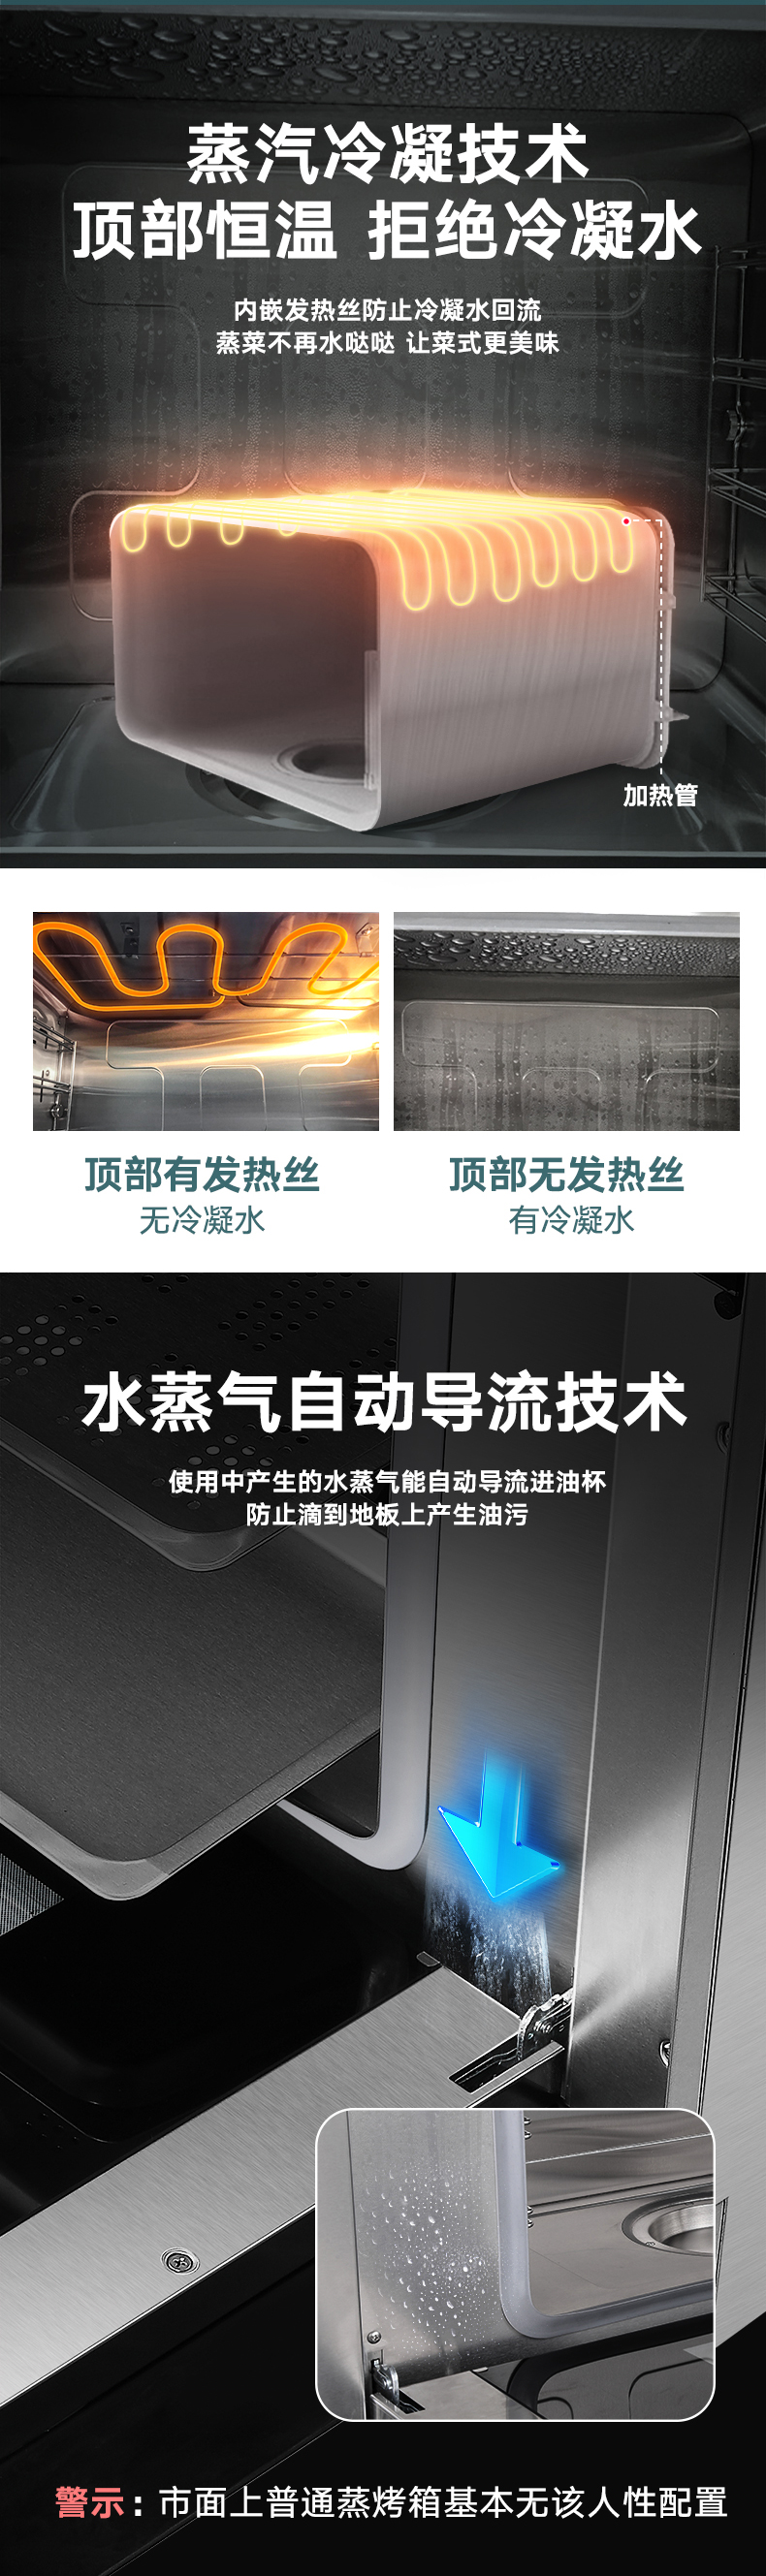 好太太H805蒸烤一体集成灶蒸汽冷凝技术